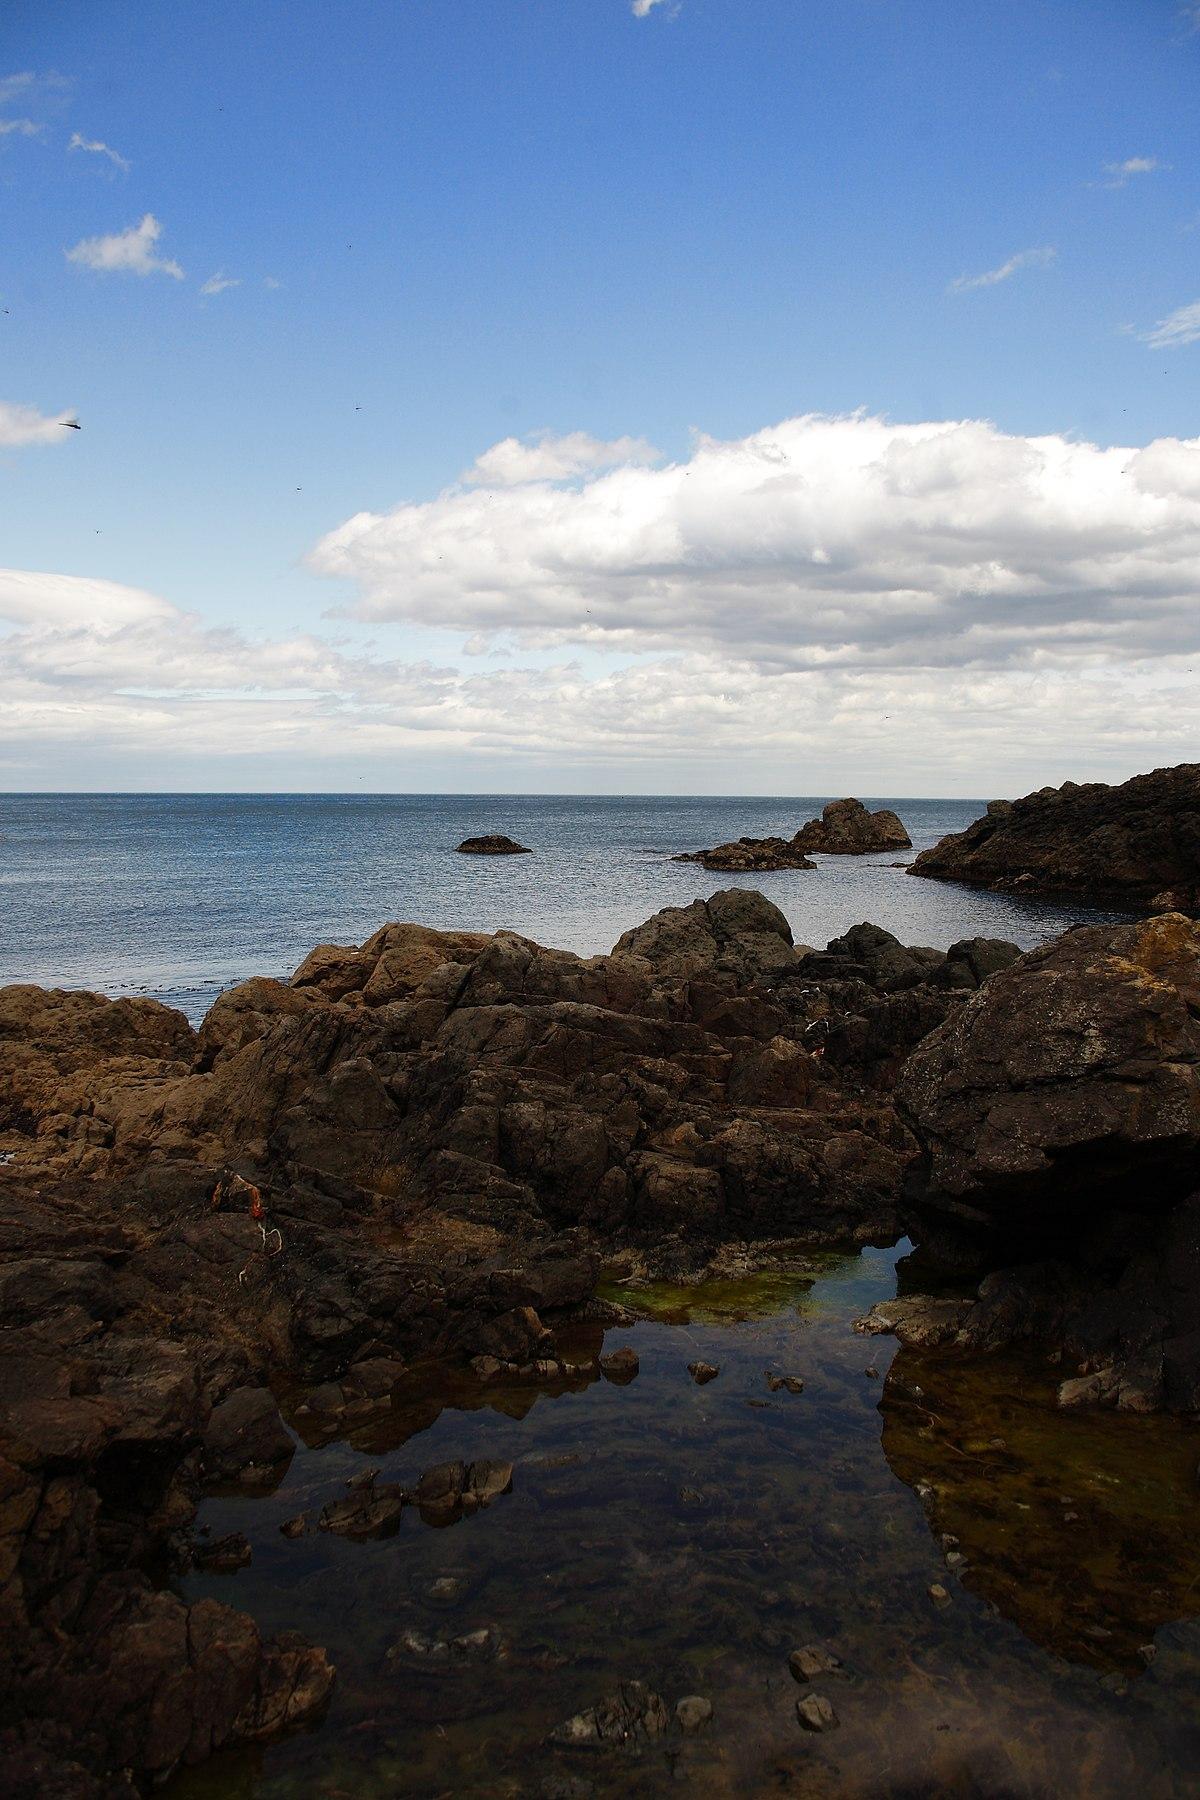 種差海岸 - Wikipedia